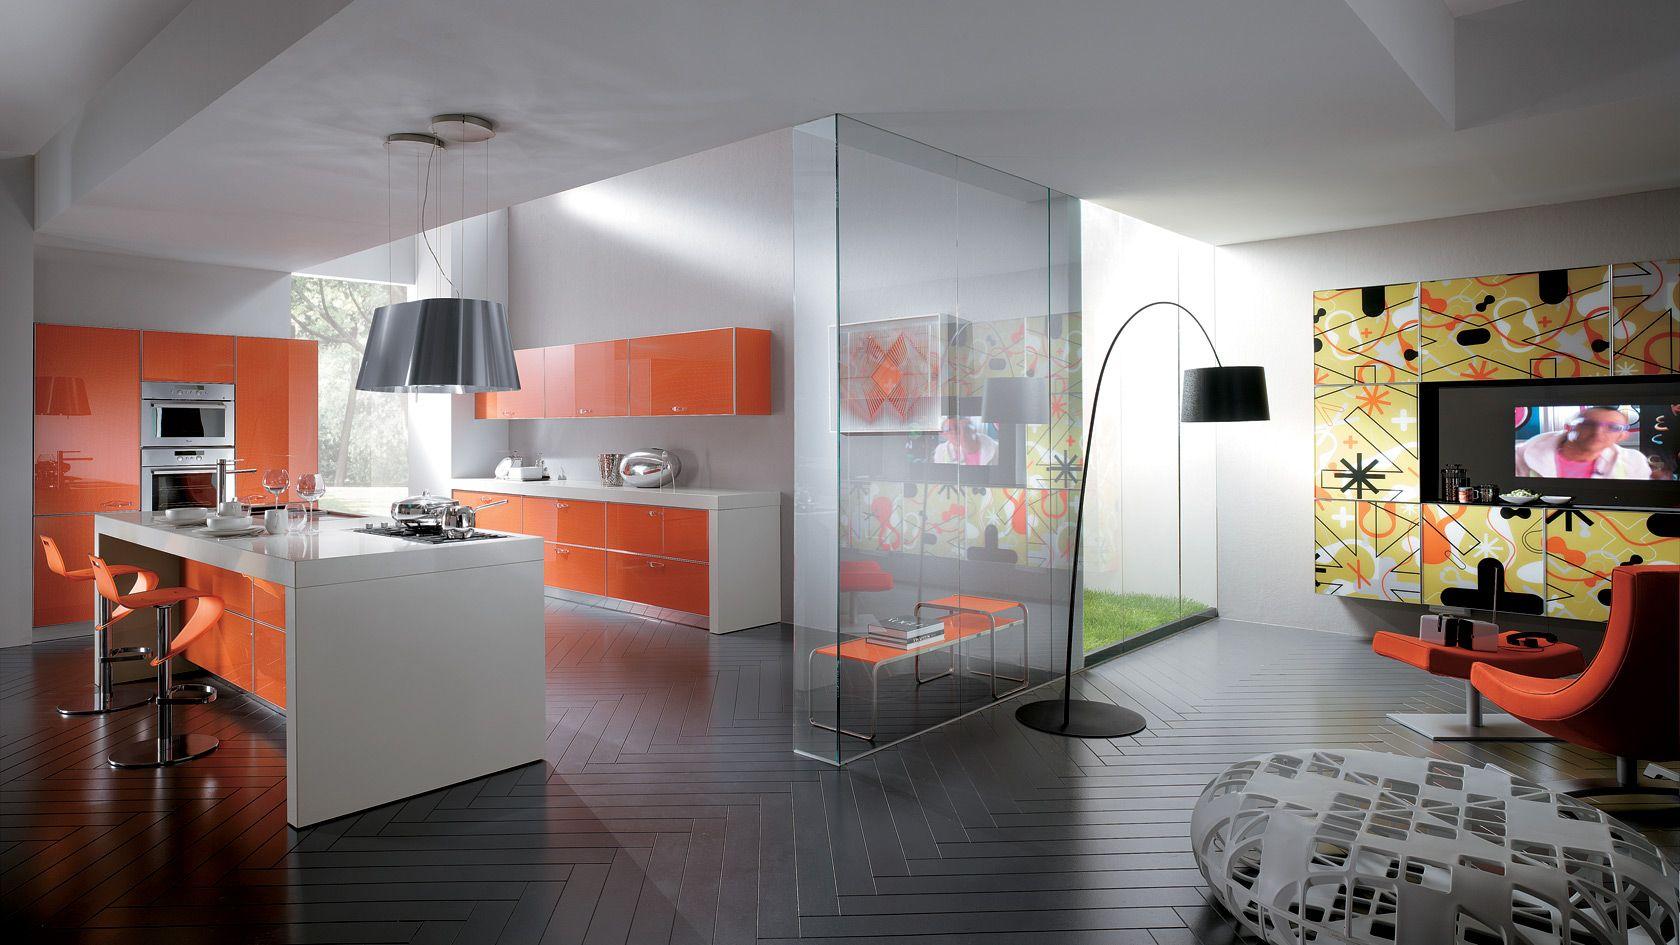 Zona giorno Crystal   Sito ufficiale Scavolini   Design   Pinterest ...